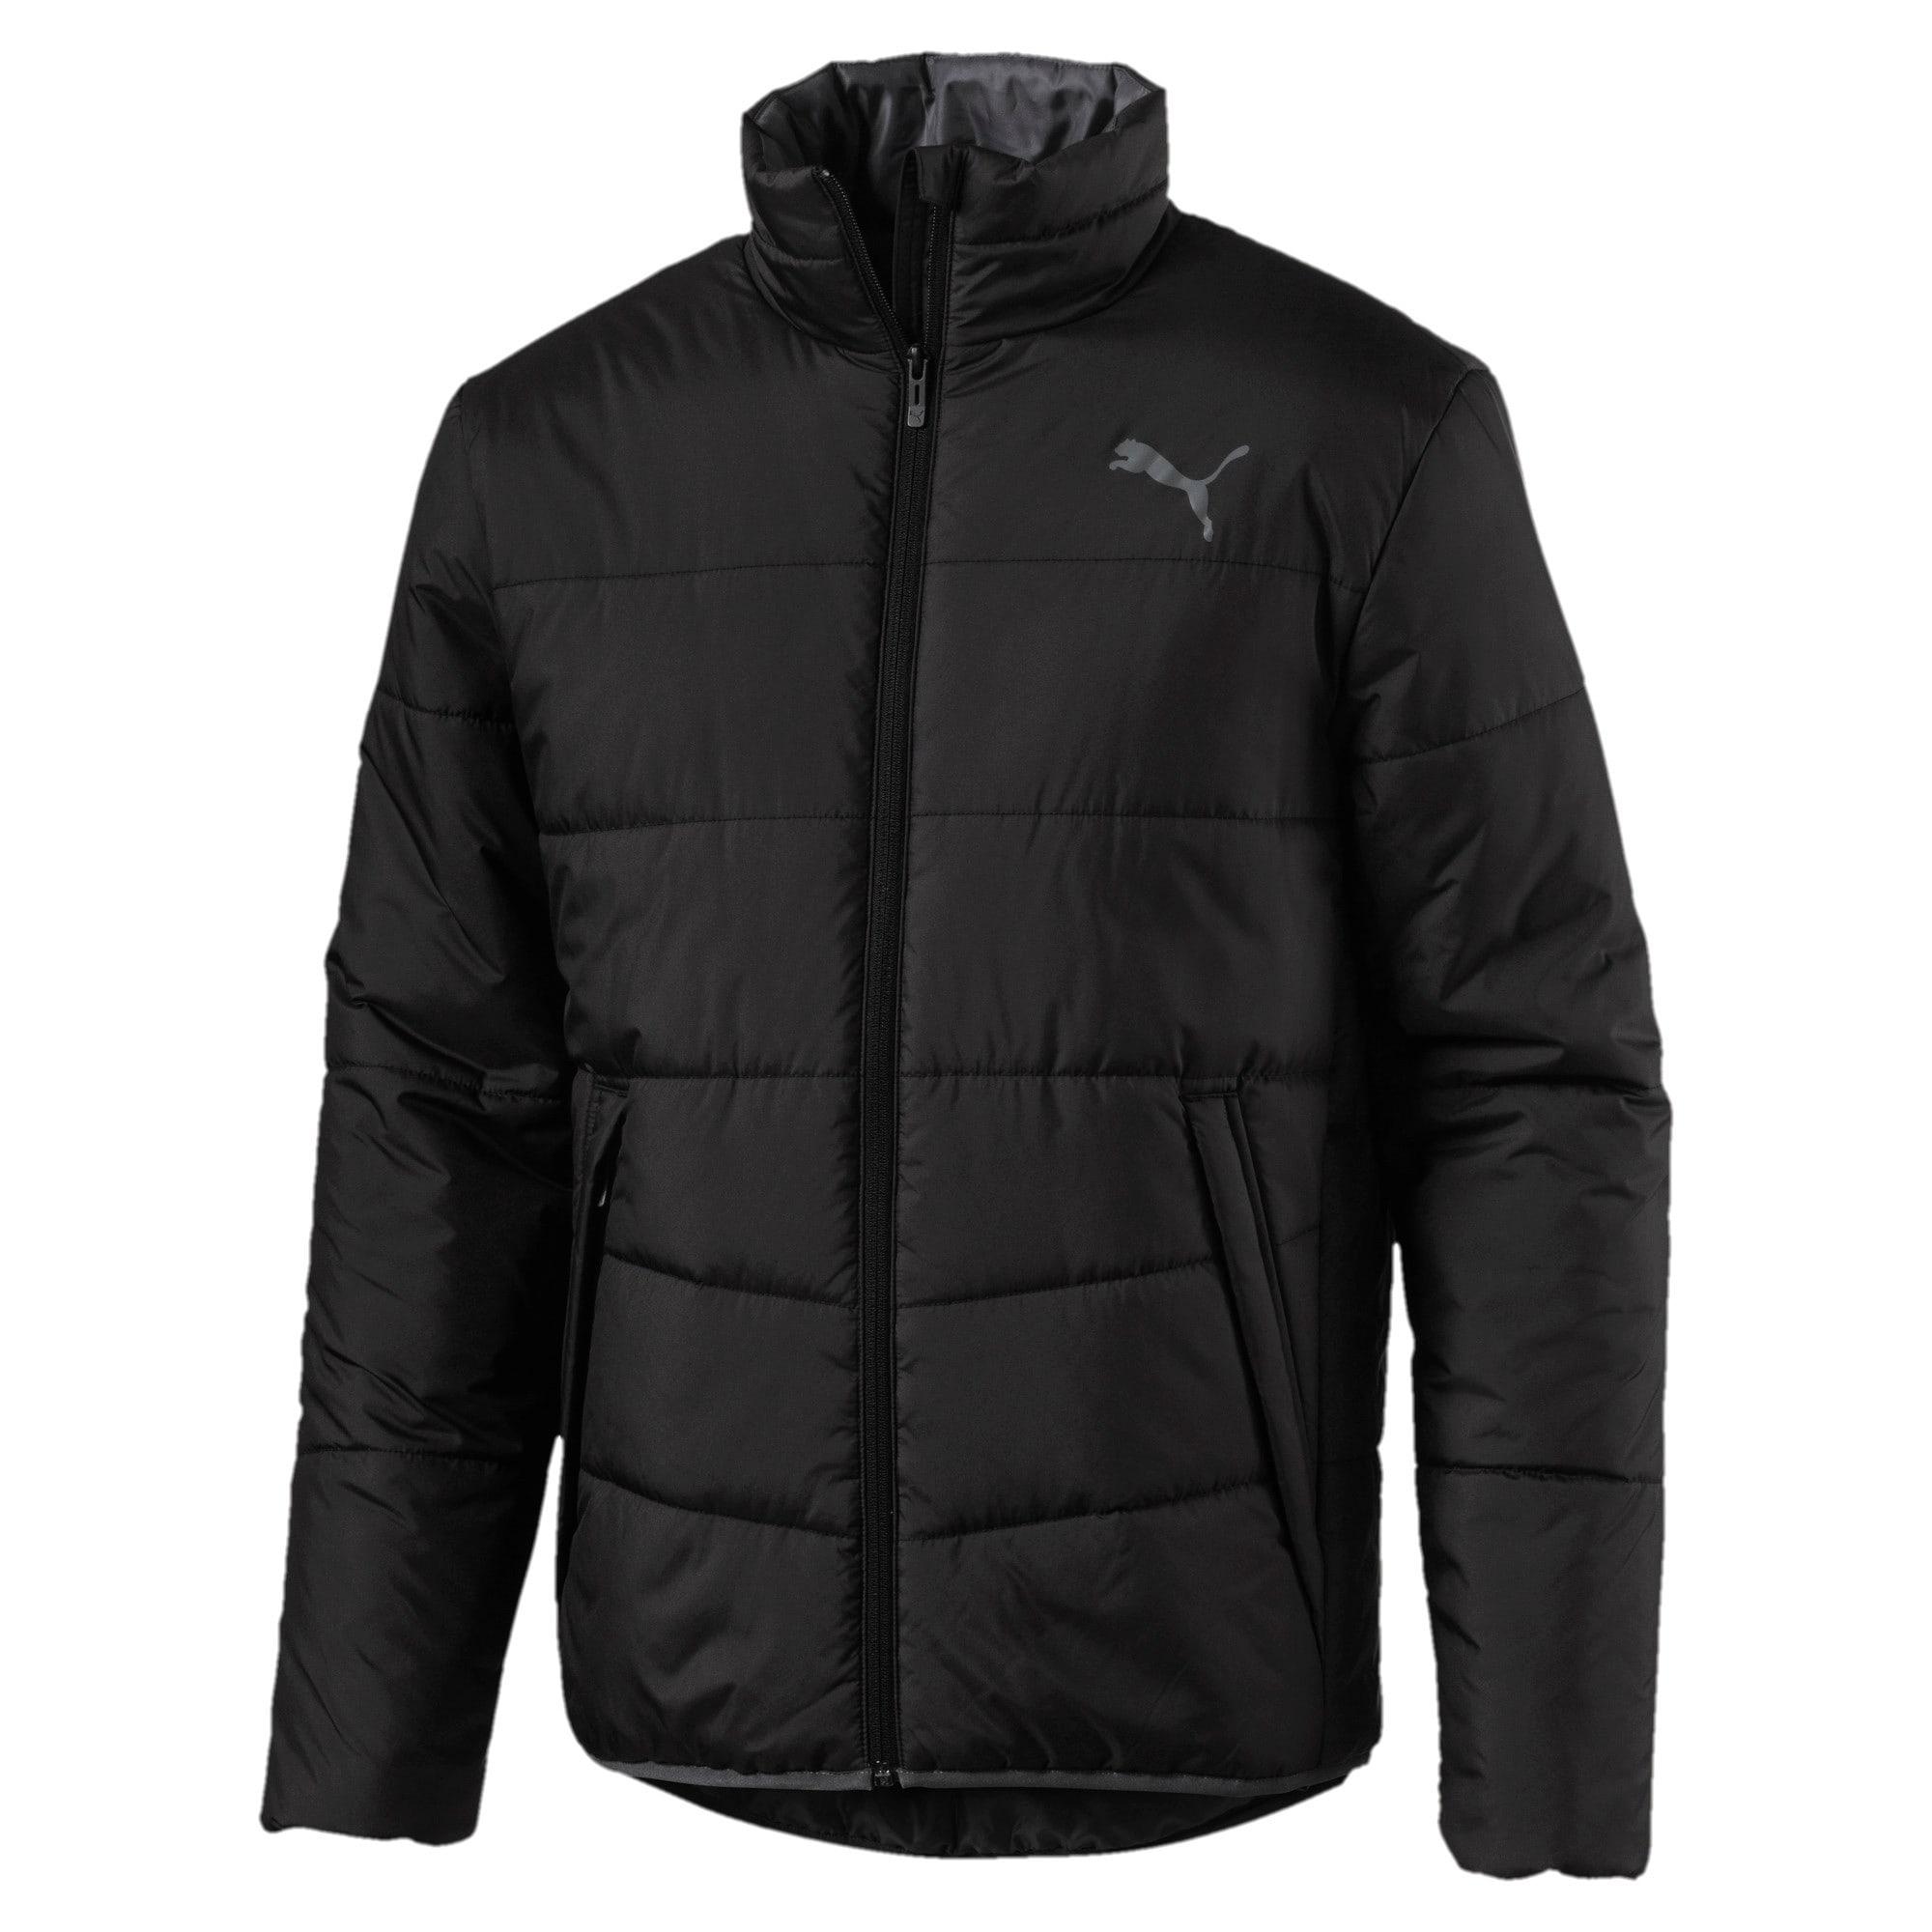 Thumbnail 1 of ESS Padded Jacket, Puma Black, medium